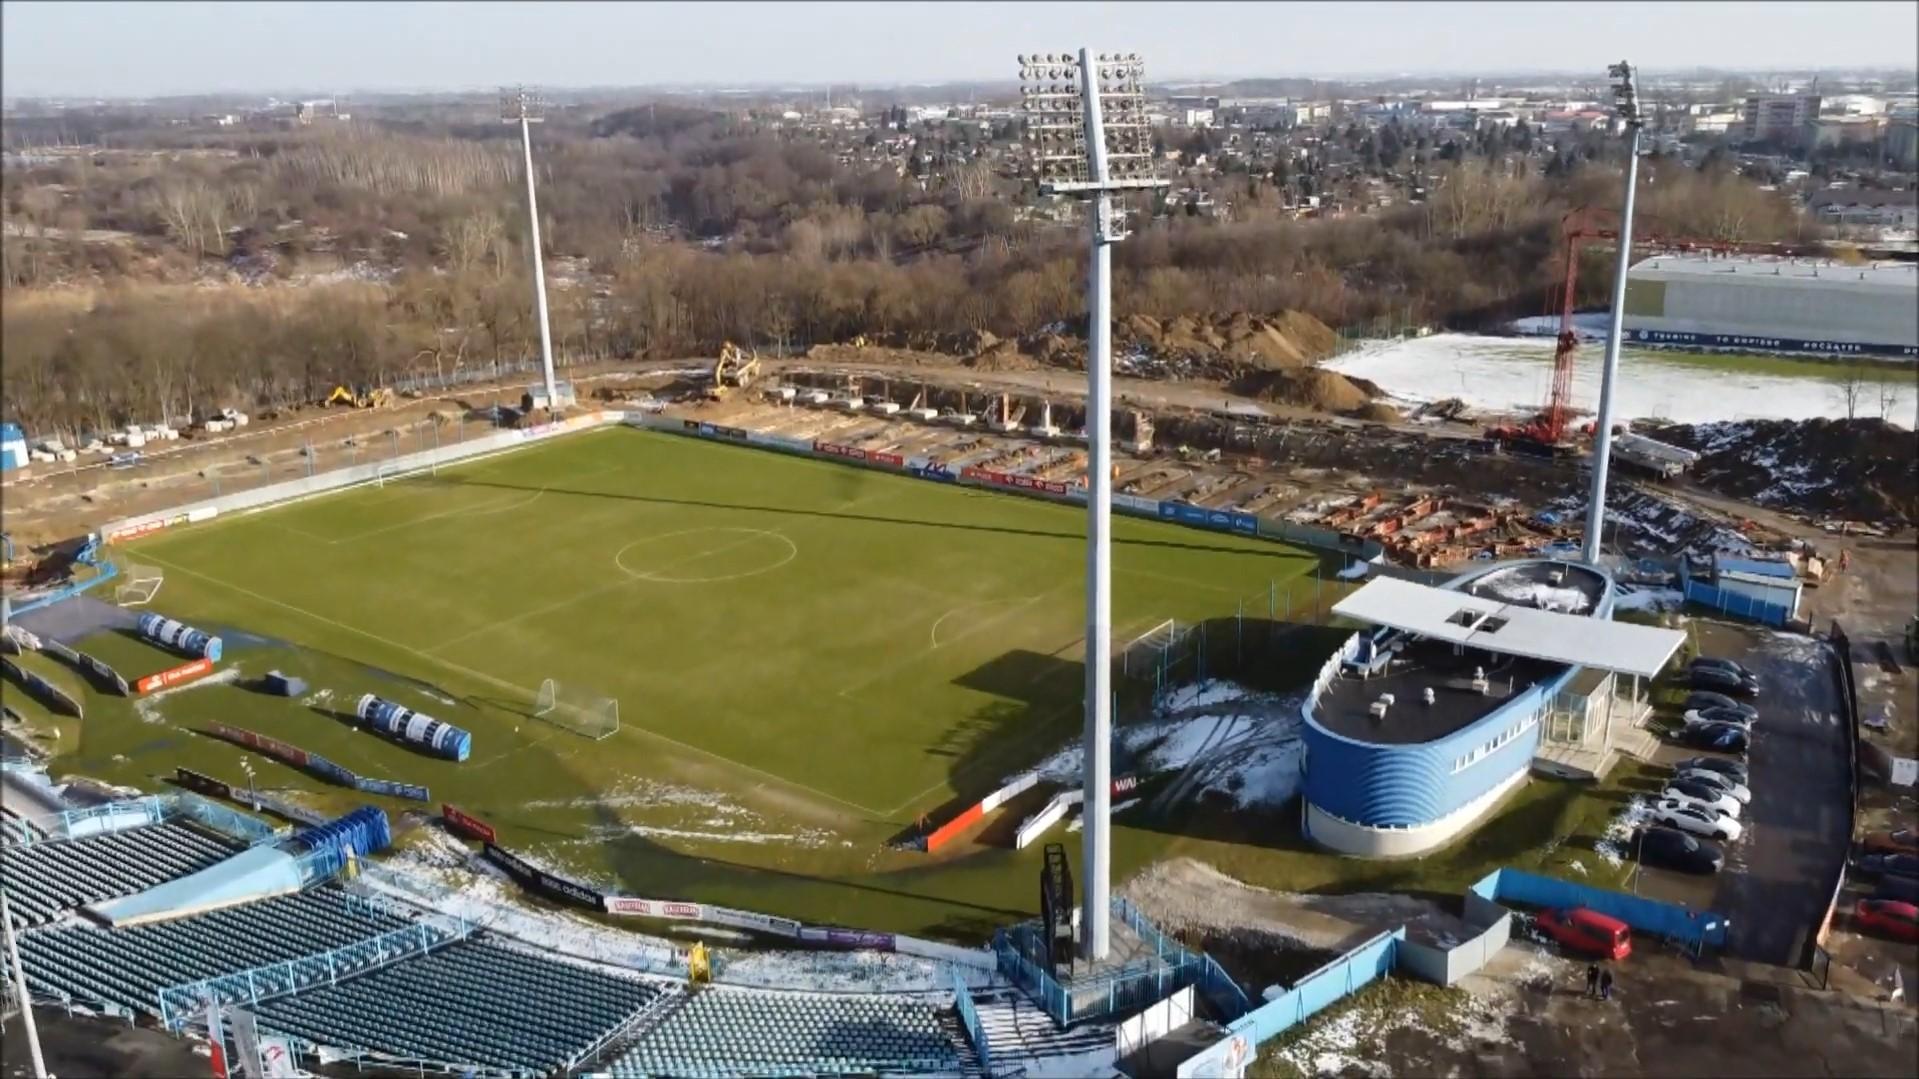 Stadion Miejski w Płocku, plac budowy Mirbud